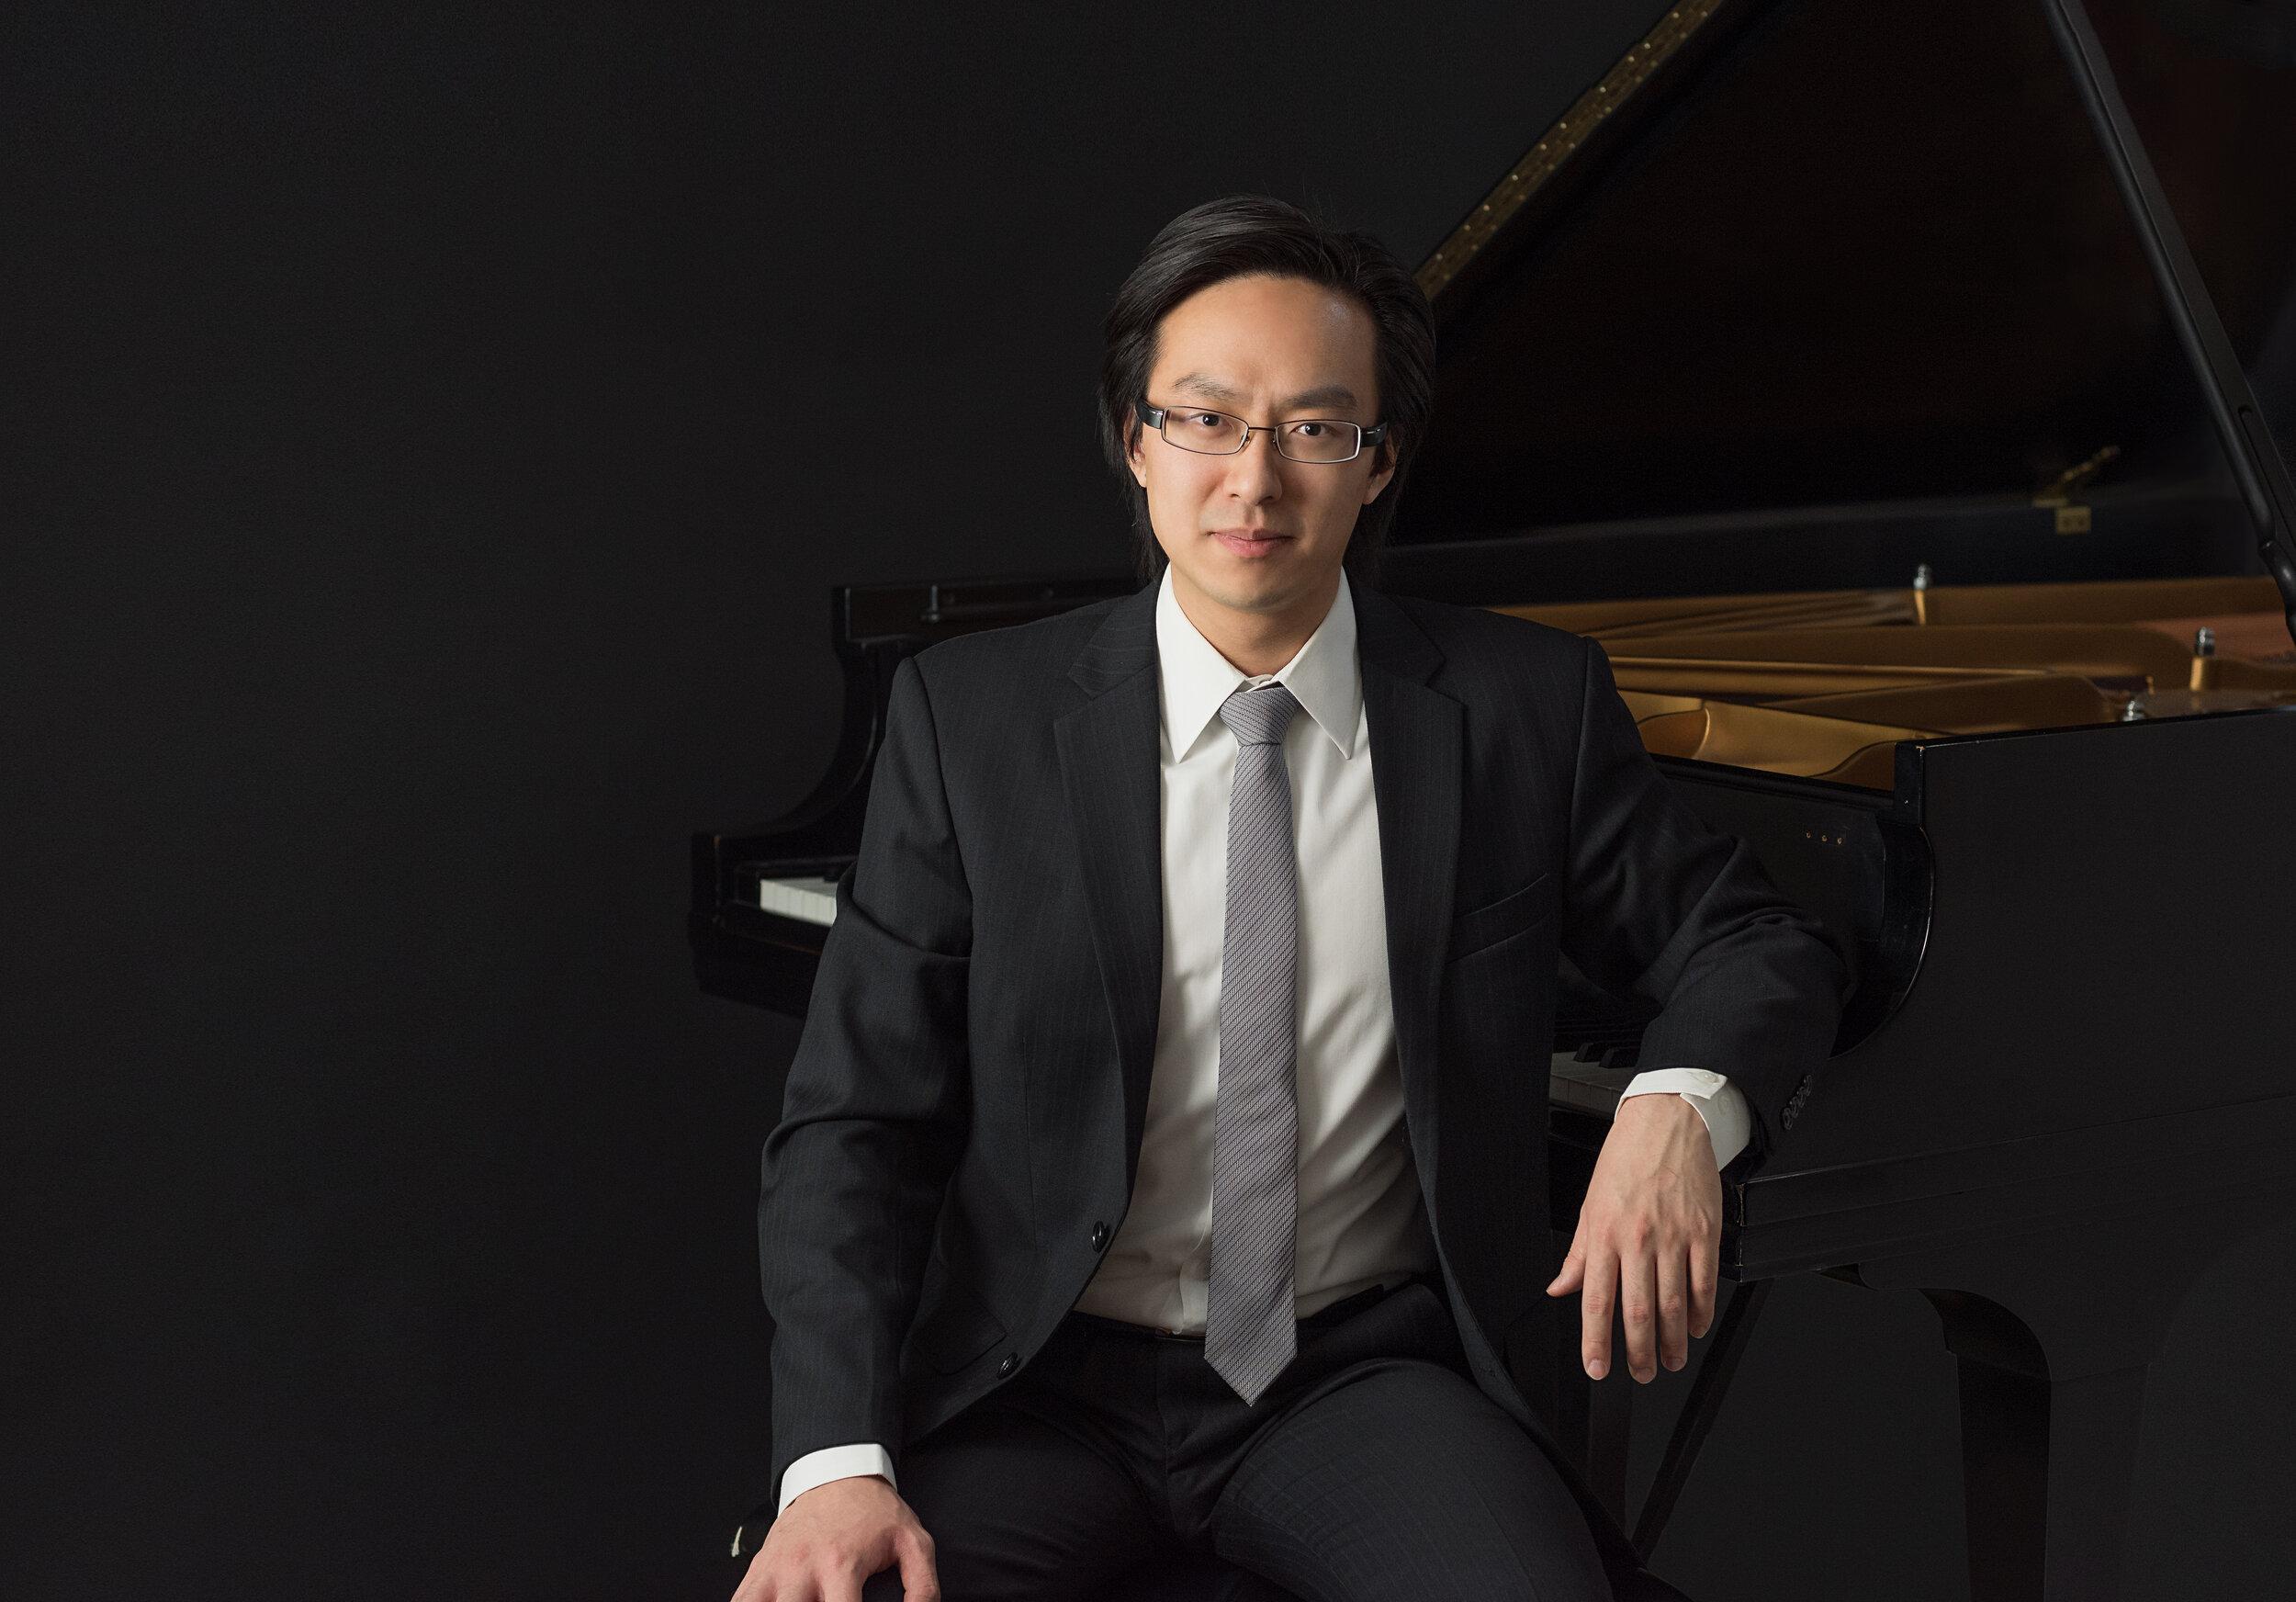 Lam Wong, piano